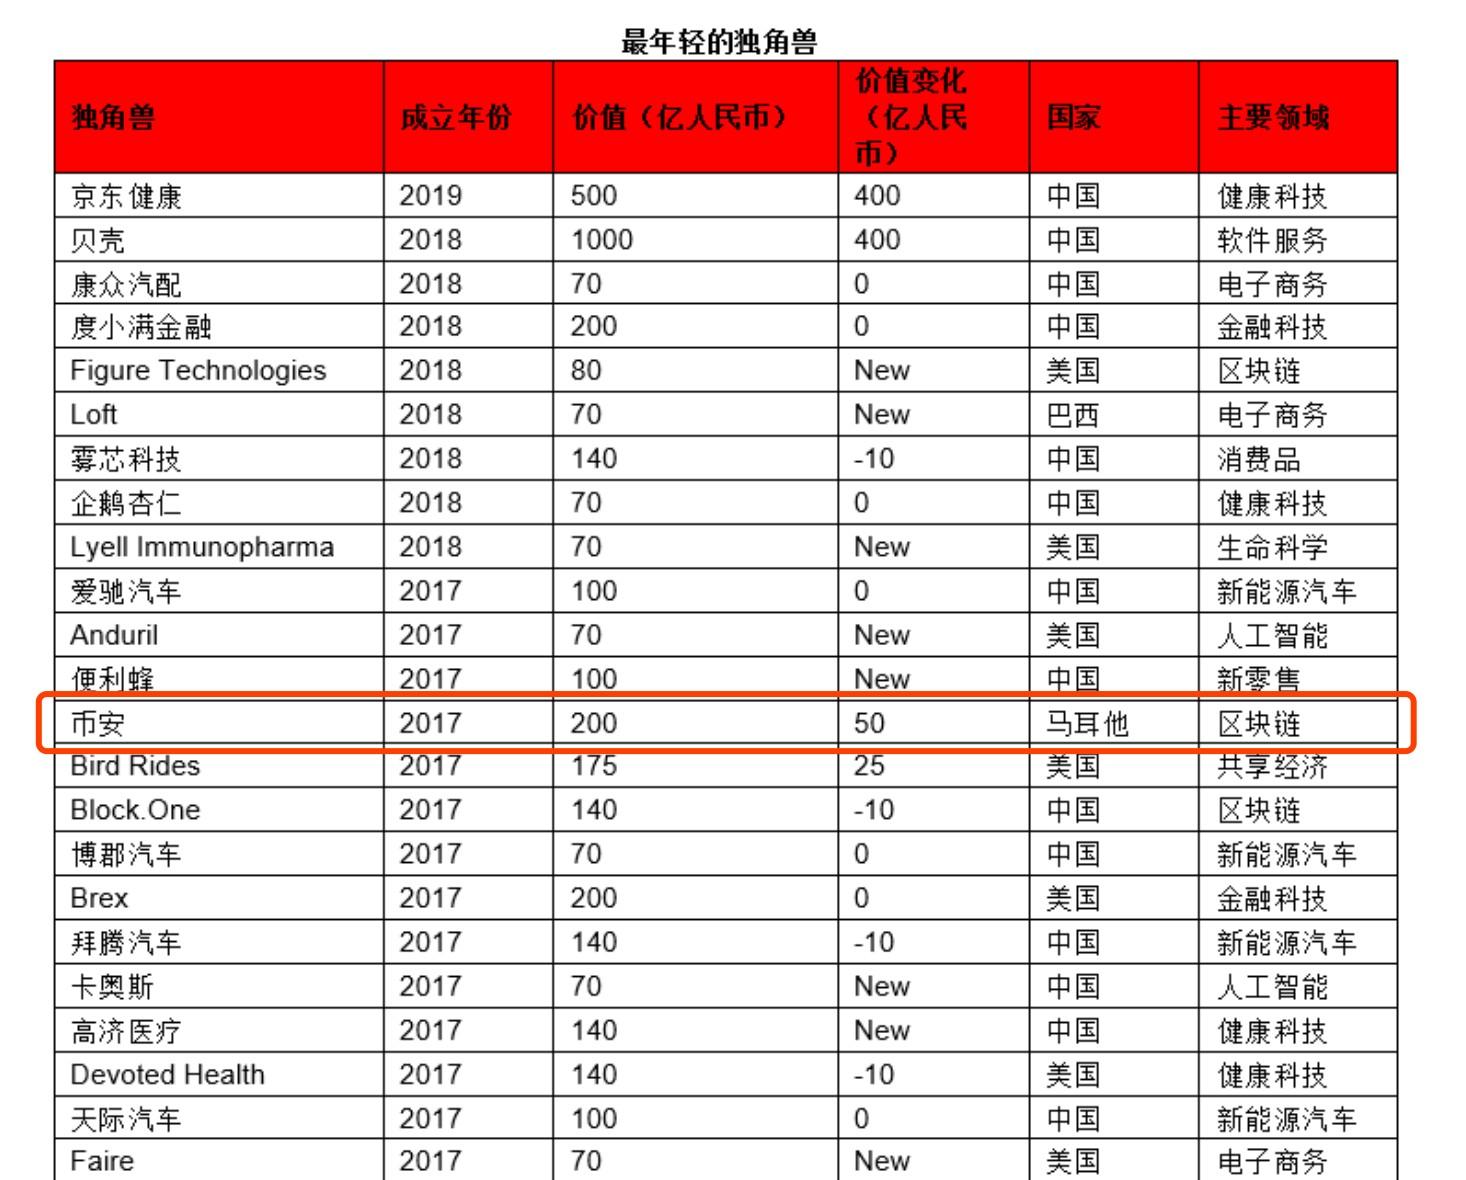 """11家区块链企业入选""""2020胡润全球独角兽榜"""":Ripple估值上升最快"""